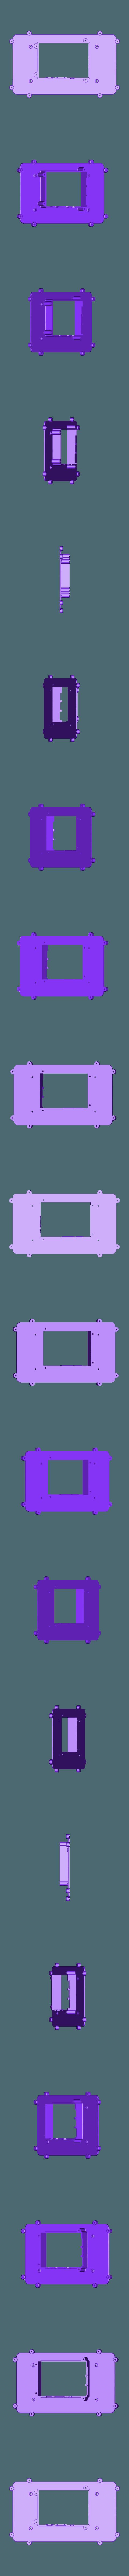 RTS-BACK.STL Télécharger fichier STL gratuit Raspberry Pi Étui officiel pour écran tactile Raspberry Pi • Modèle pour imprimante 3D, mkellsy